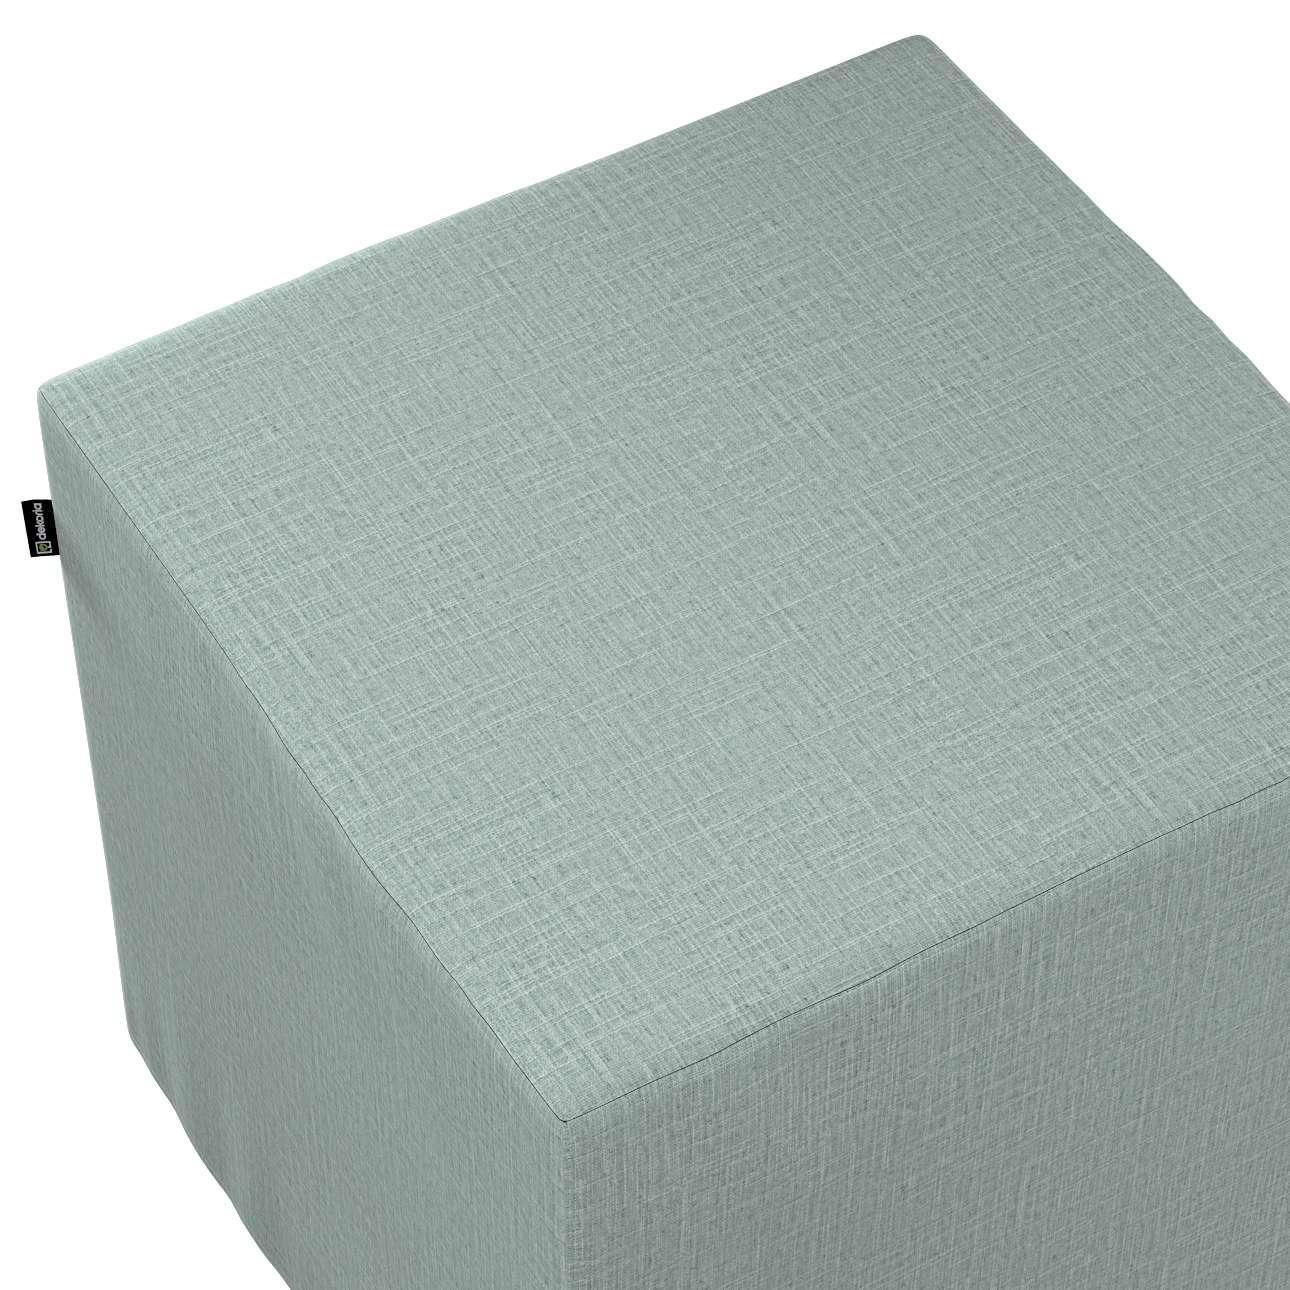 Sitzwürfel von der Kollektion Living II, Stoff: 160-86